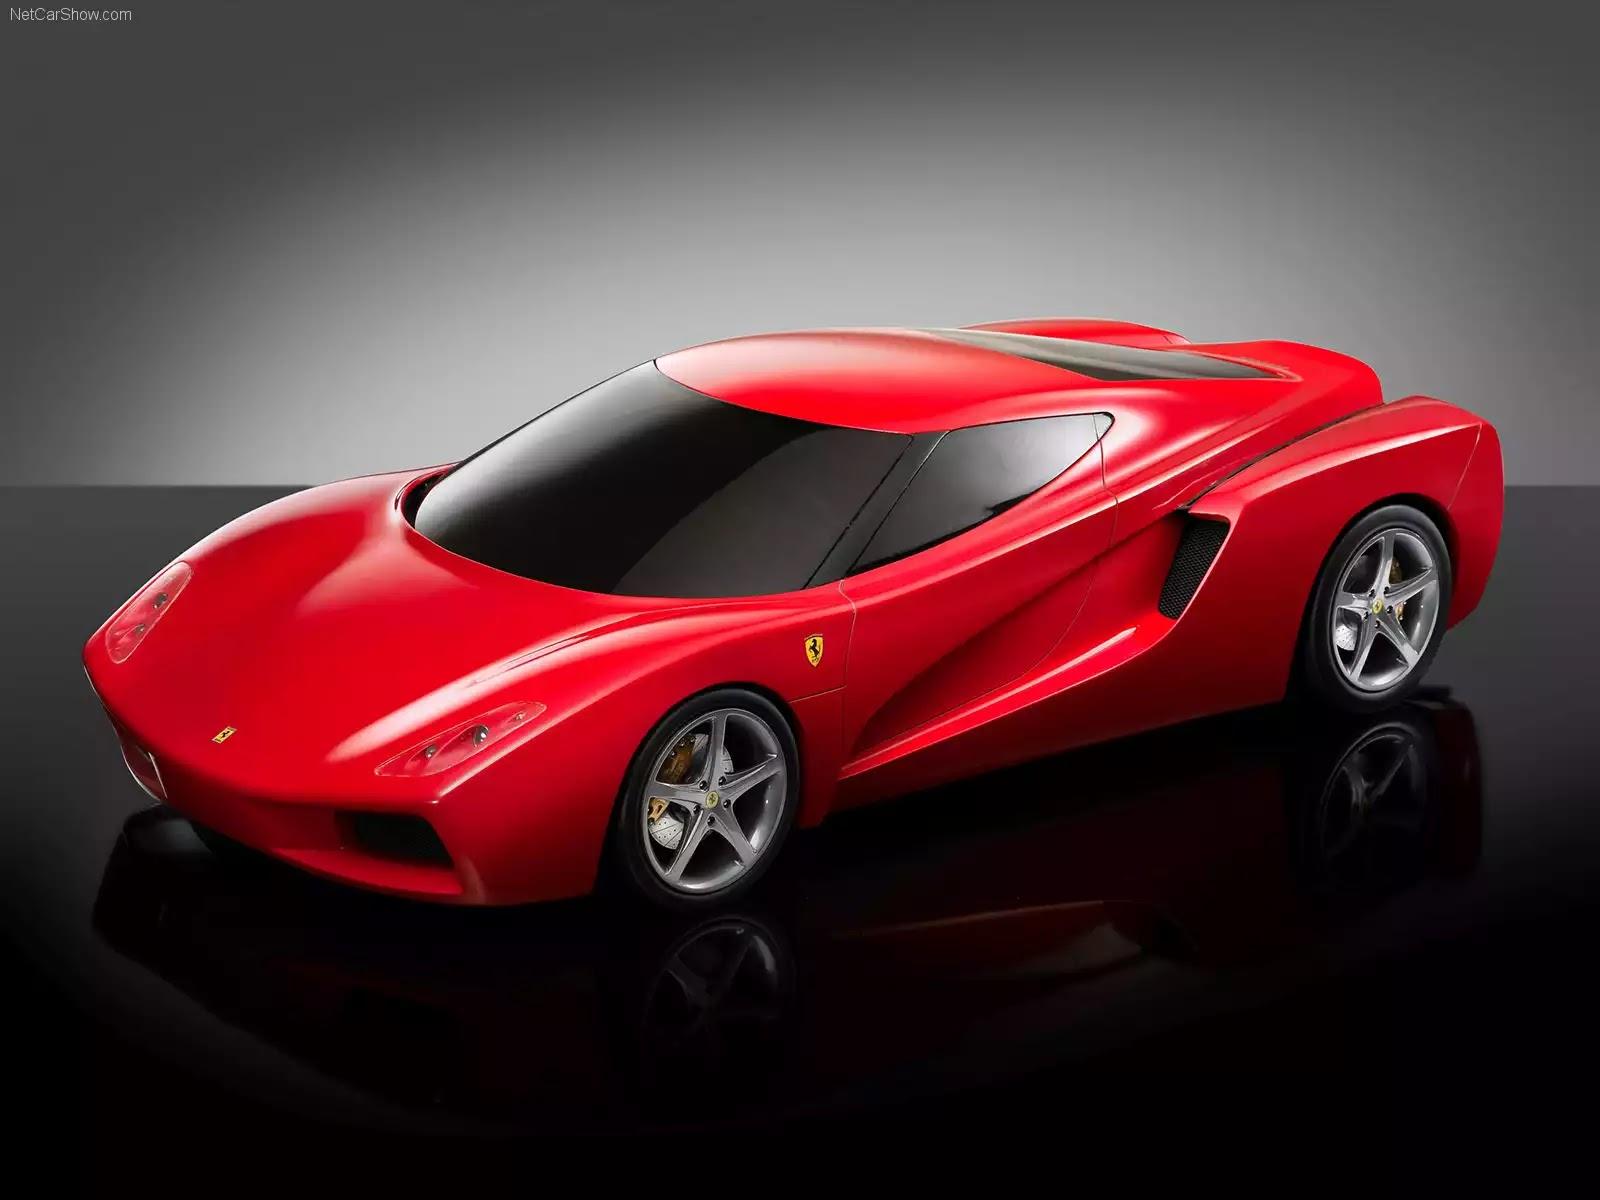 Hình ảnh siêu xe Ferrari Design Competition 2005 & nội ngoại thất